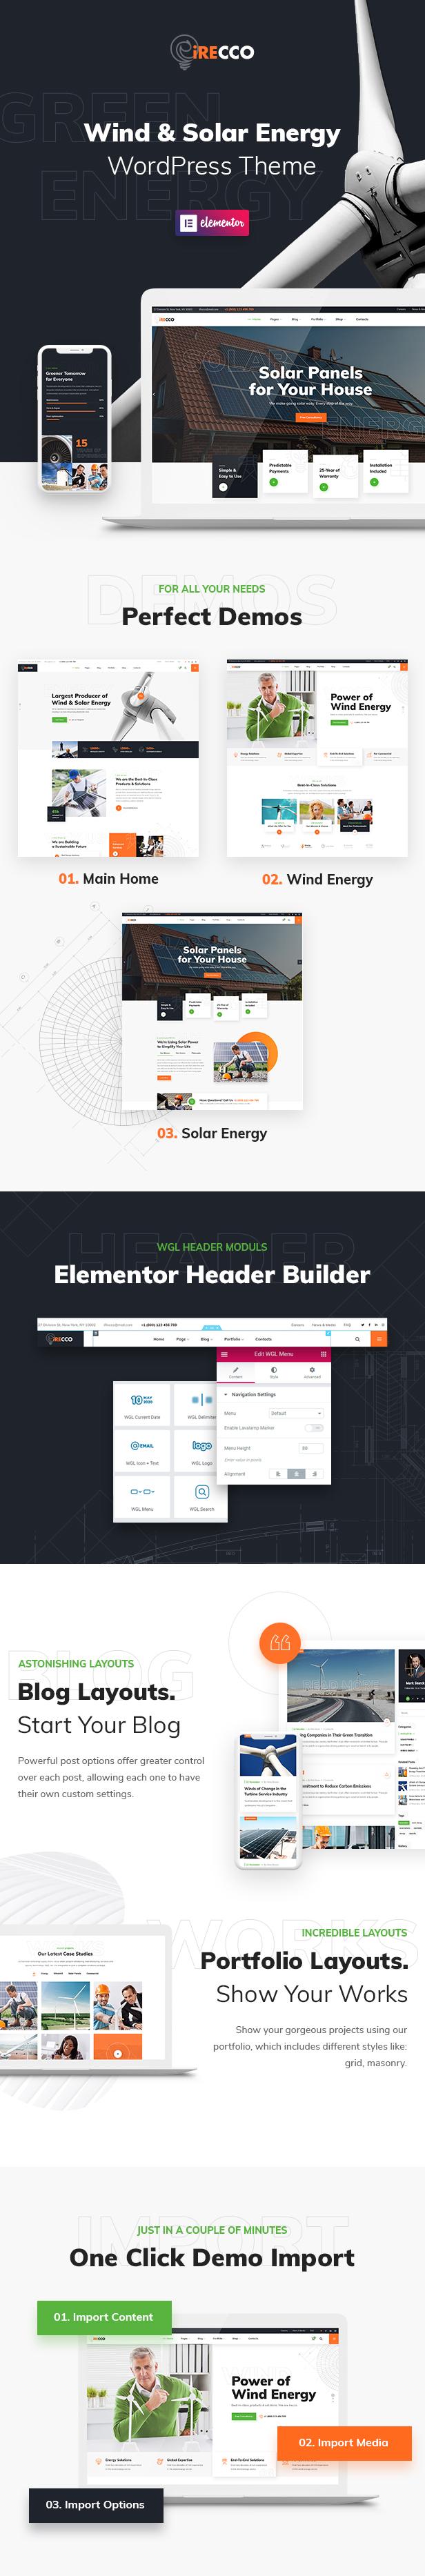 iRecco - Wind & Solar Energy WordPress Theme - 1